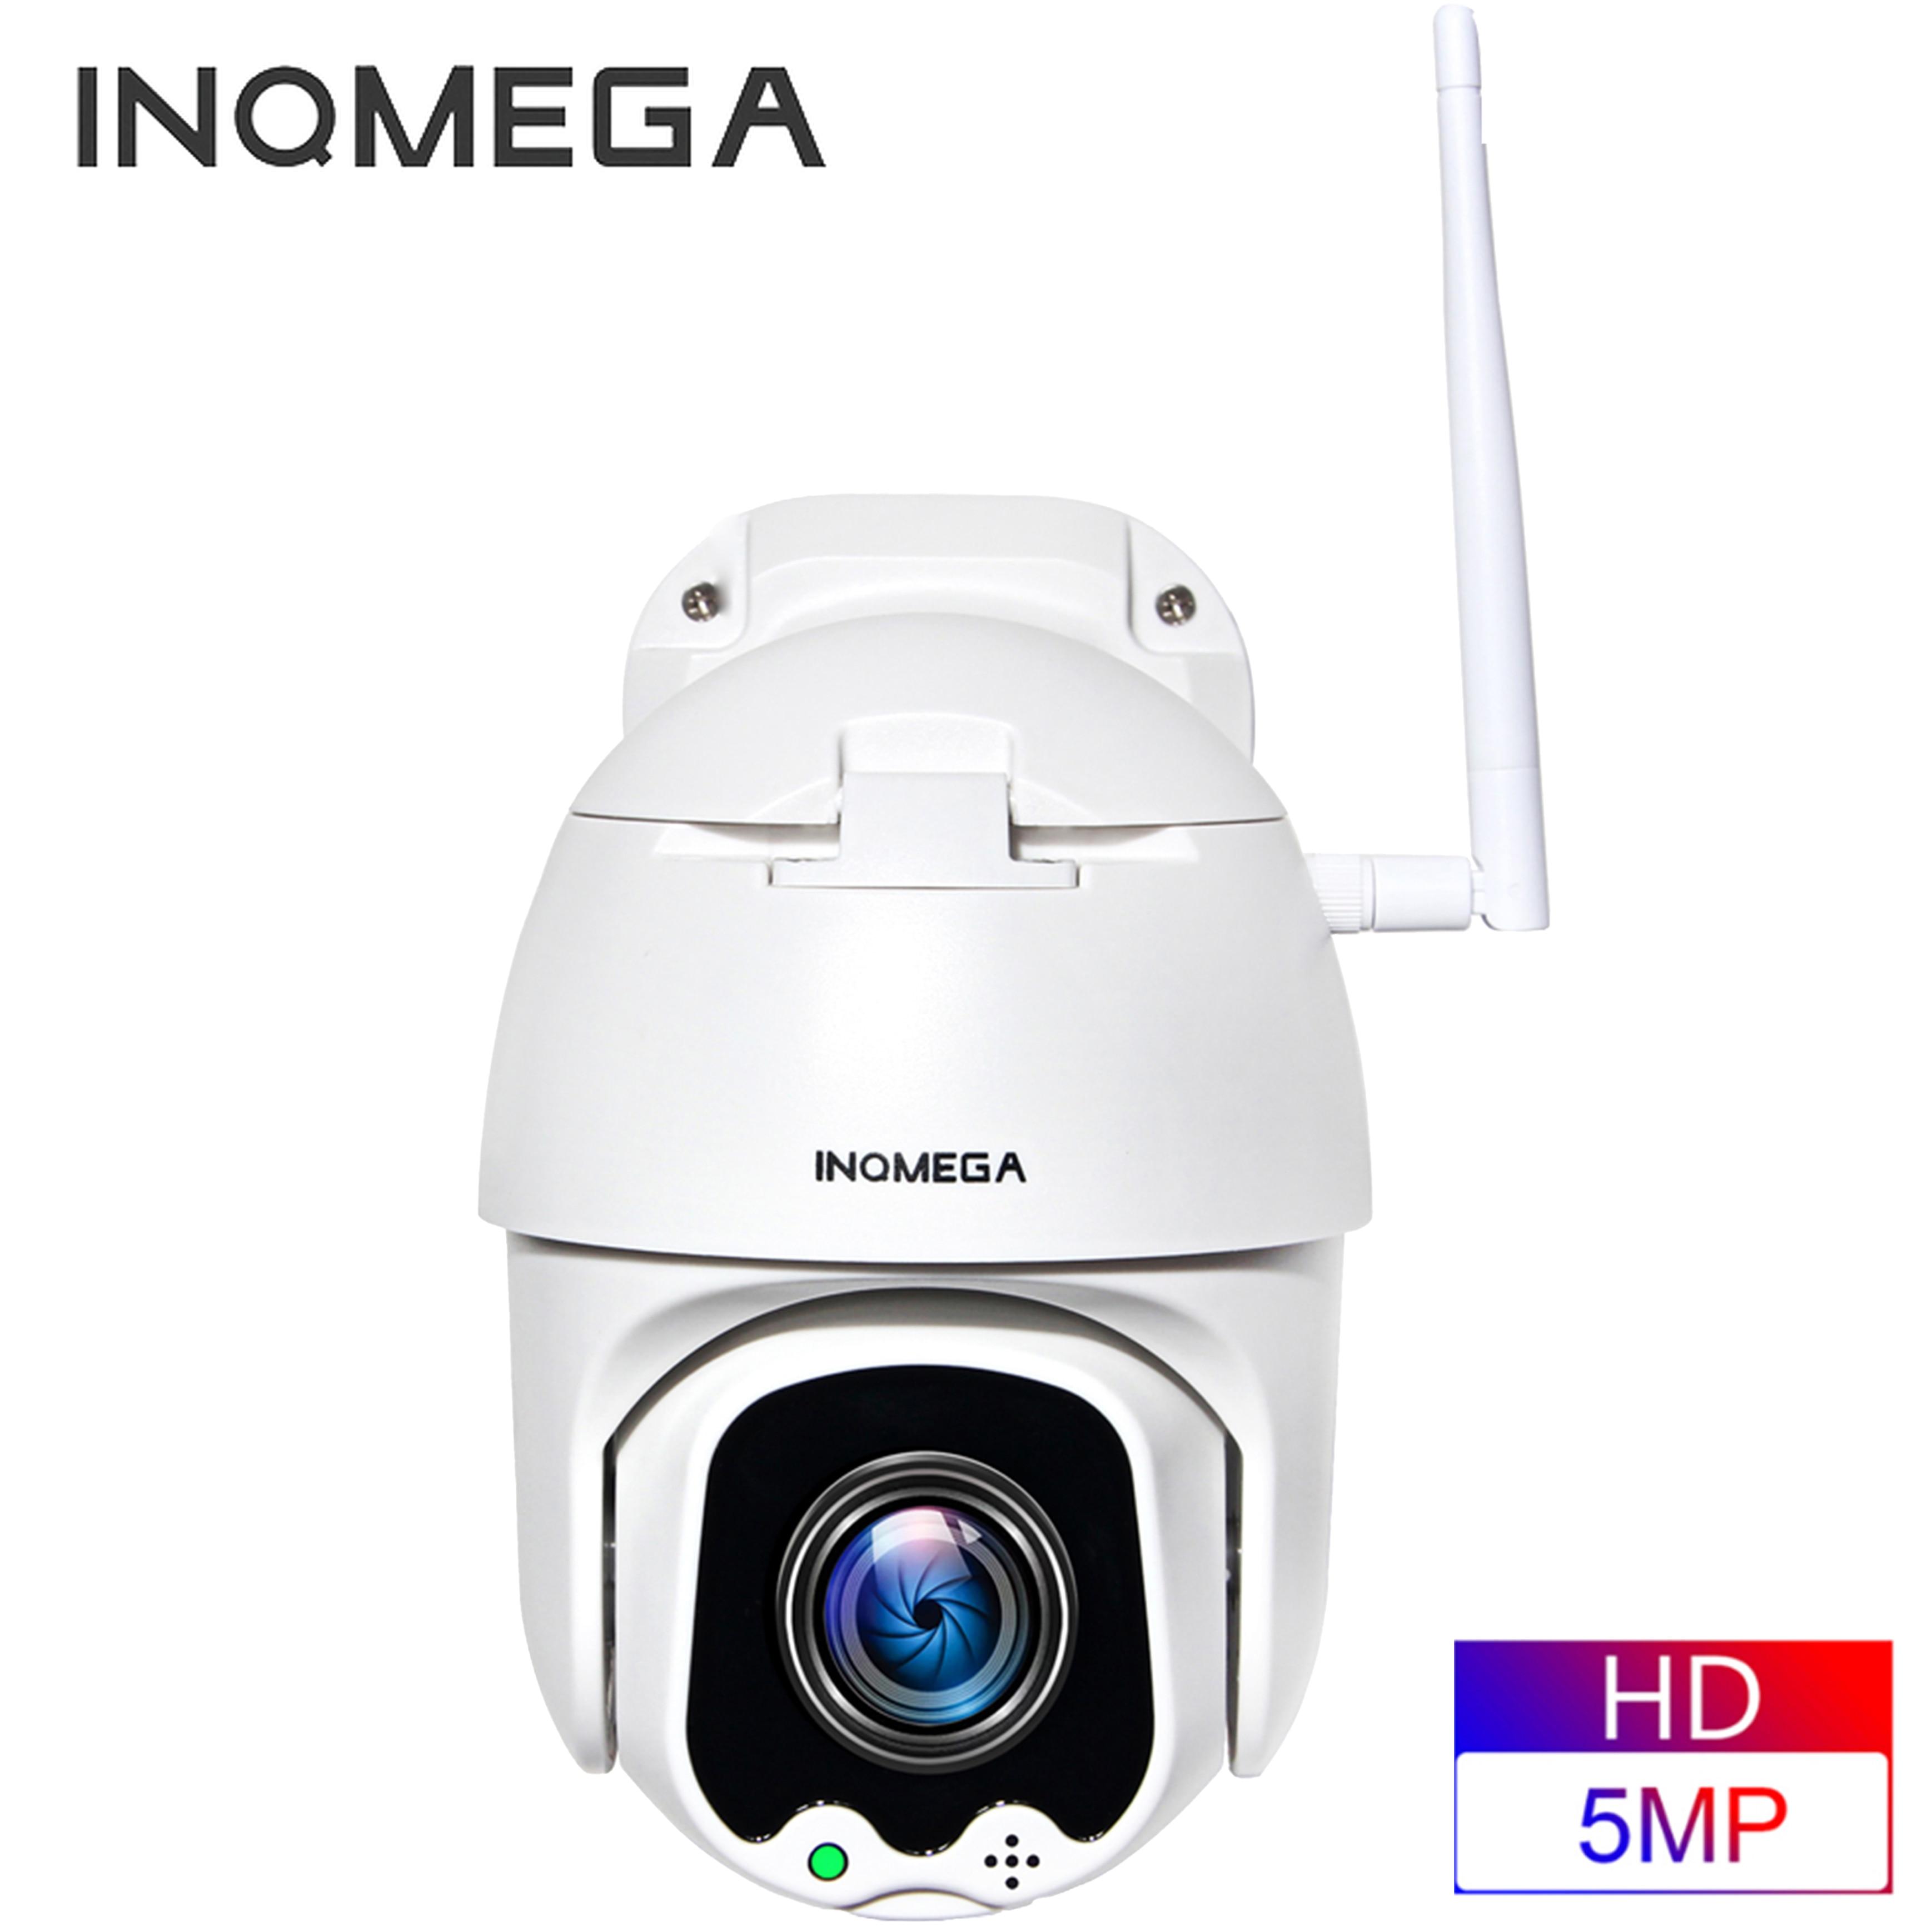 INQMEGA 5MP FHD PTZ inteligente de vigilancia IP cámara domo de alta velocidad WiFi inalámbrico 4X Digital ZOOMOutdoor DE SEGURIDAD impermeable CÁMARA DE CCTV